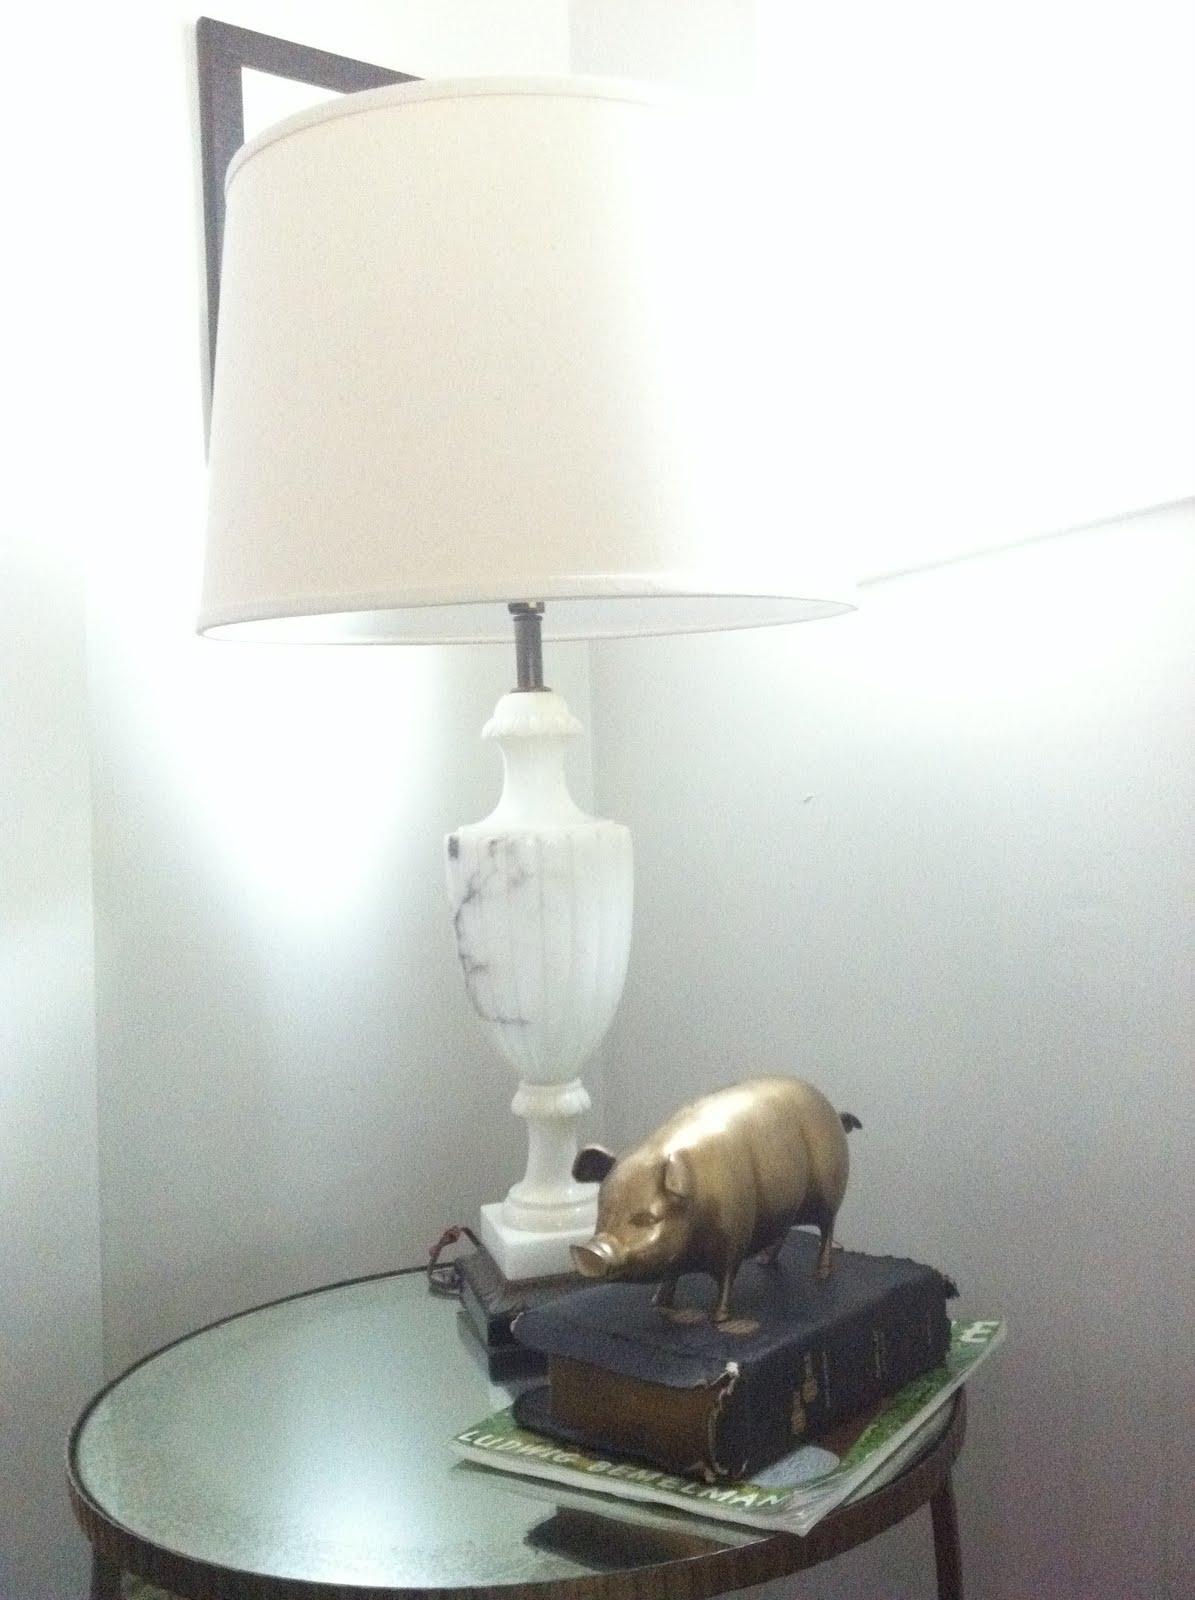 Alex Chair Arhaus Installing A Hammock Indoors Wonderwall Update On My Living Room New Lamp Rug Etc